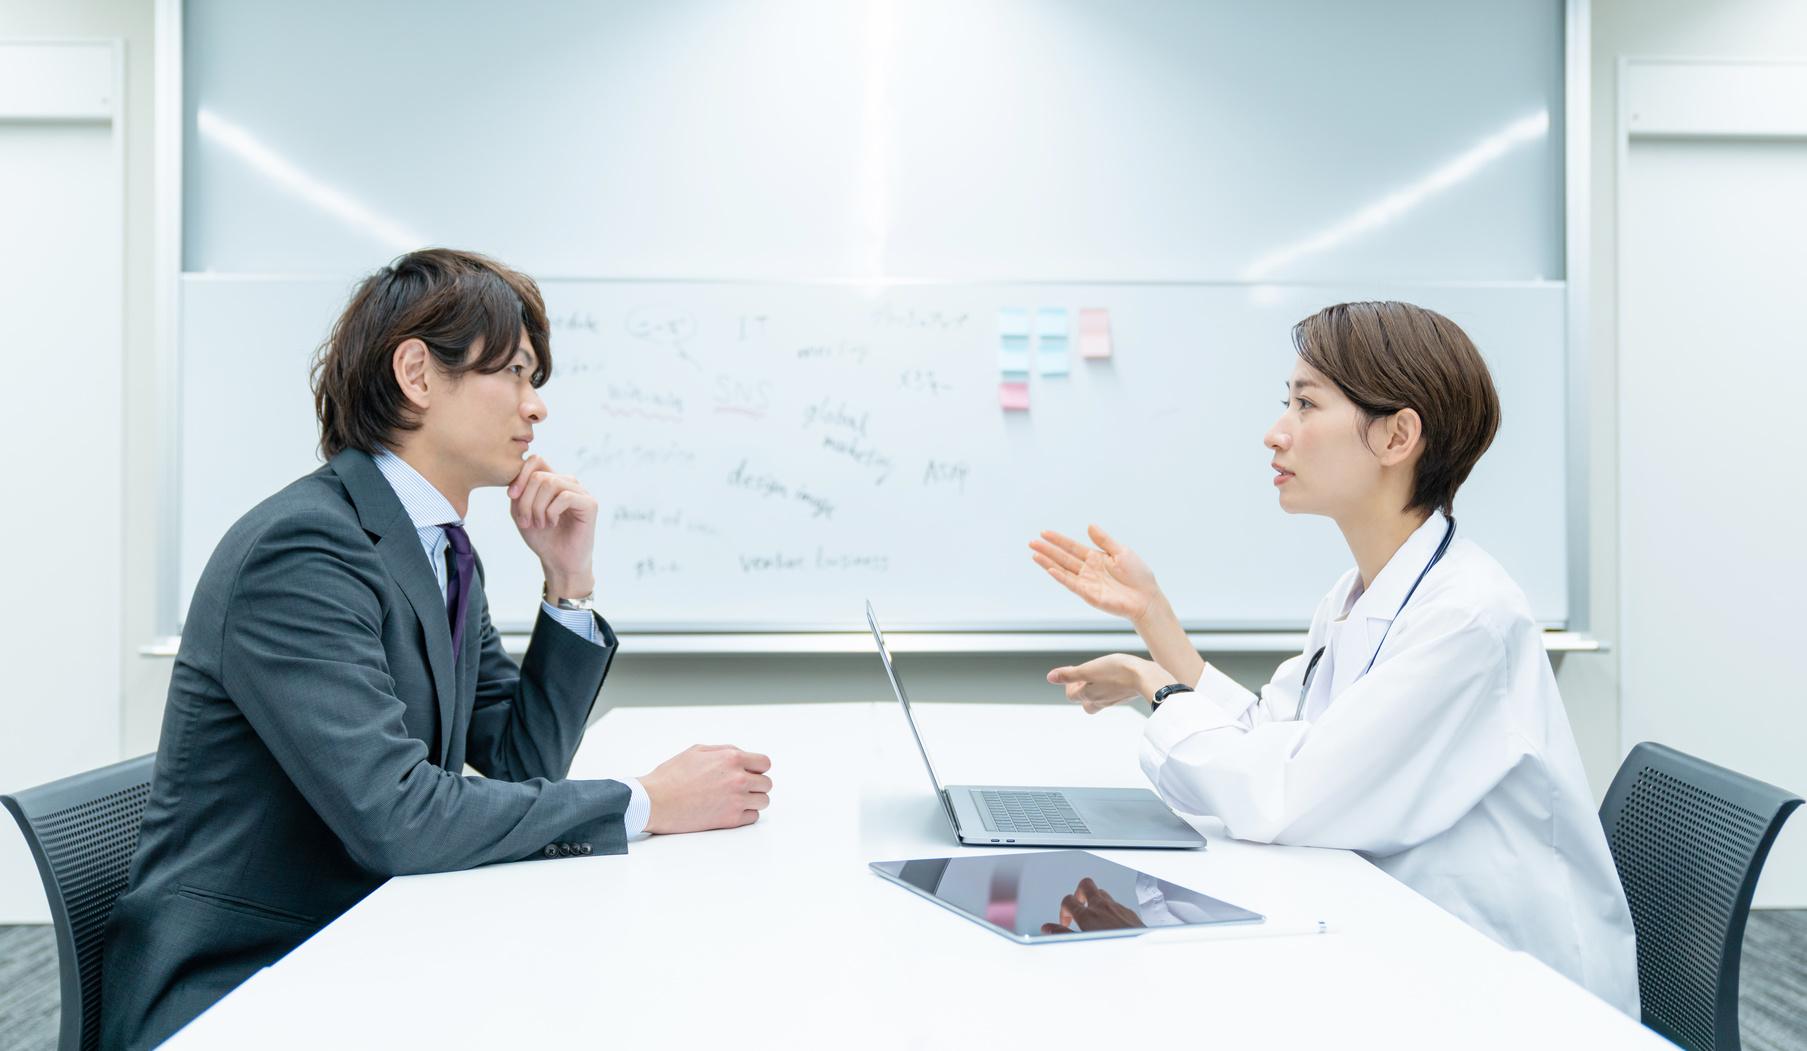 楽しく、活発なミーティングにする方法とは!?